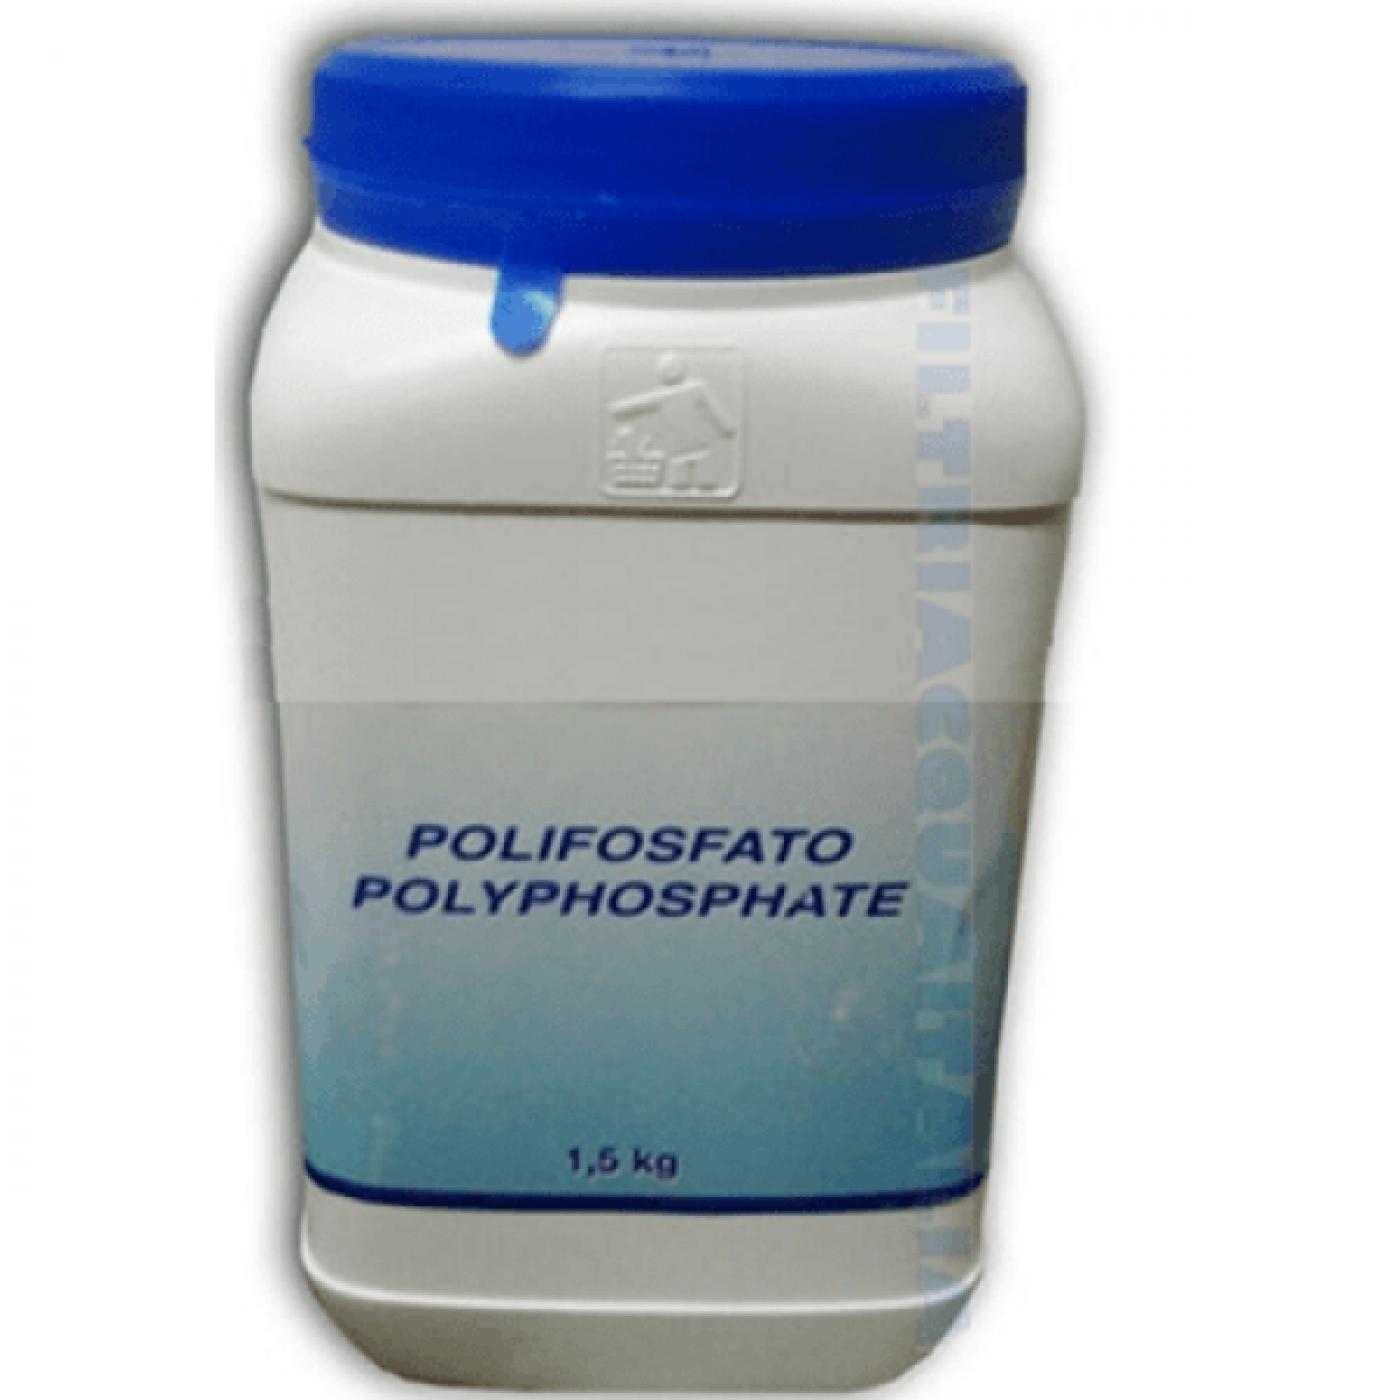 FILTRO ANTICALCARE LAVATRICE LAVASTOVIGLIE IN POLIFOSFATO CON RICARICA POLIFOSFATI